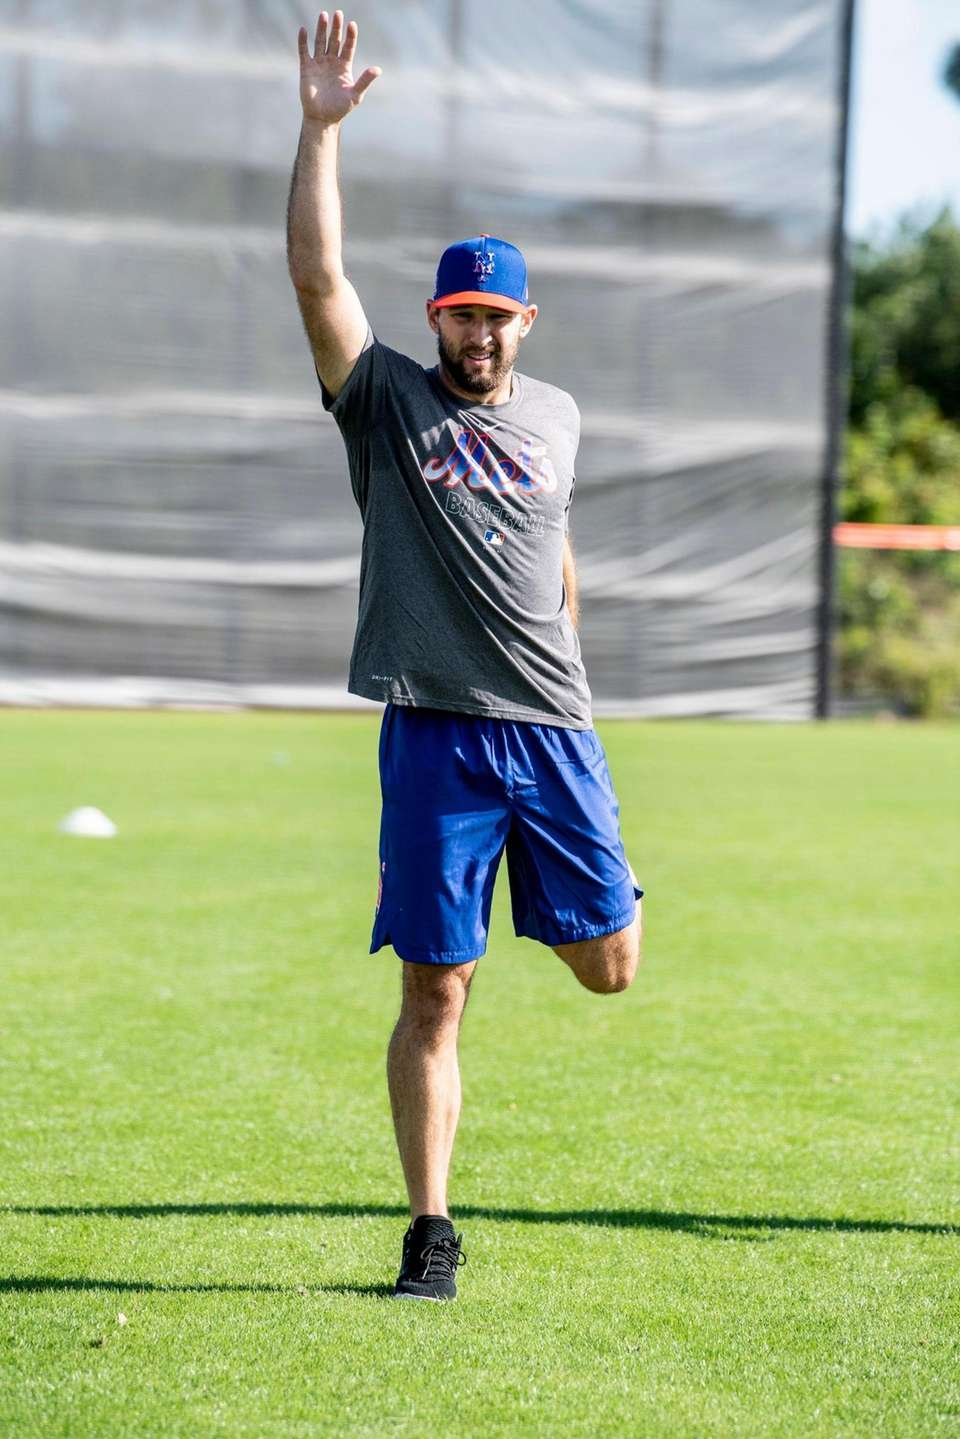 NY Mets pitcher Michael Wacha warming up at